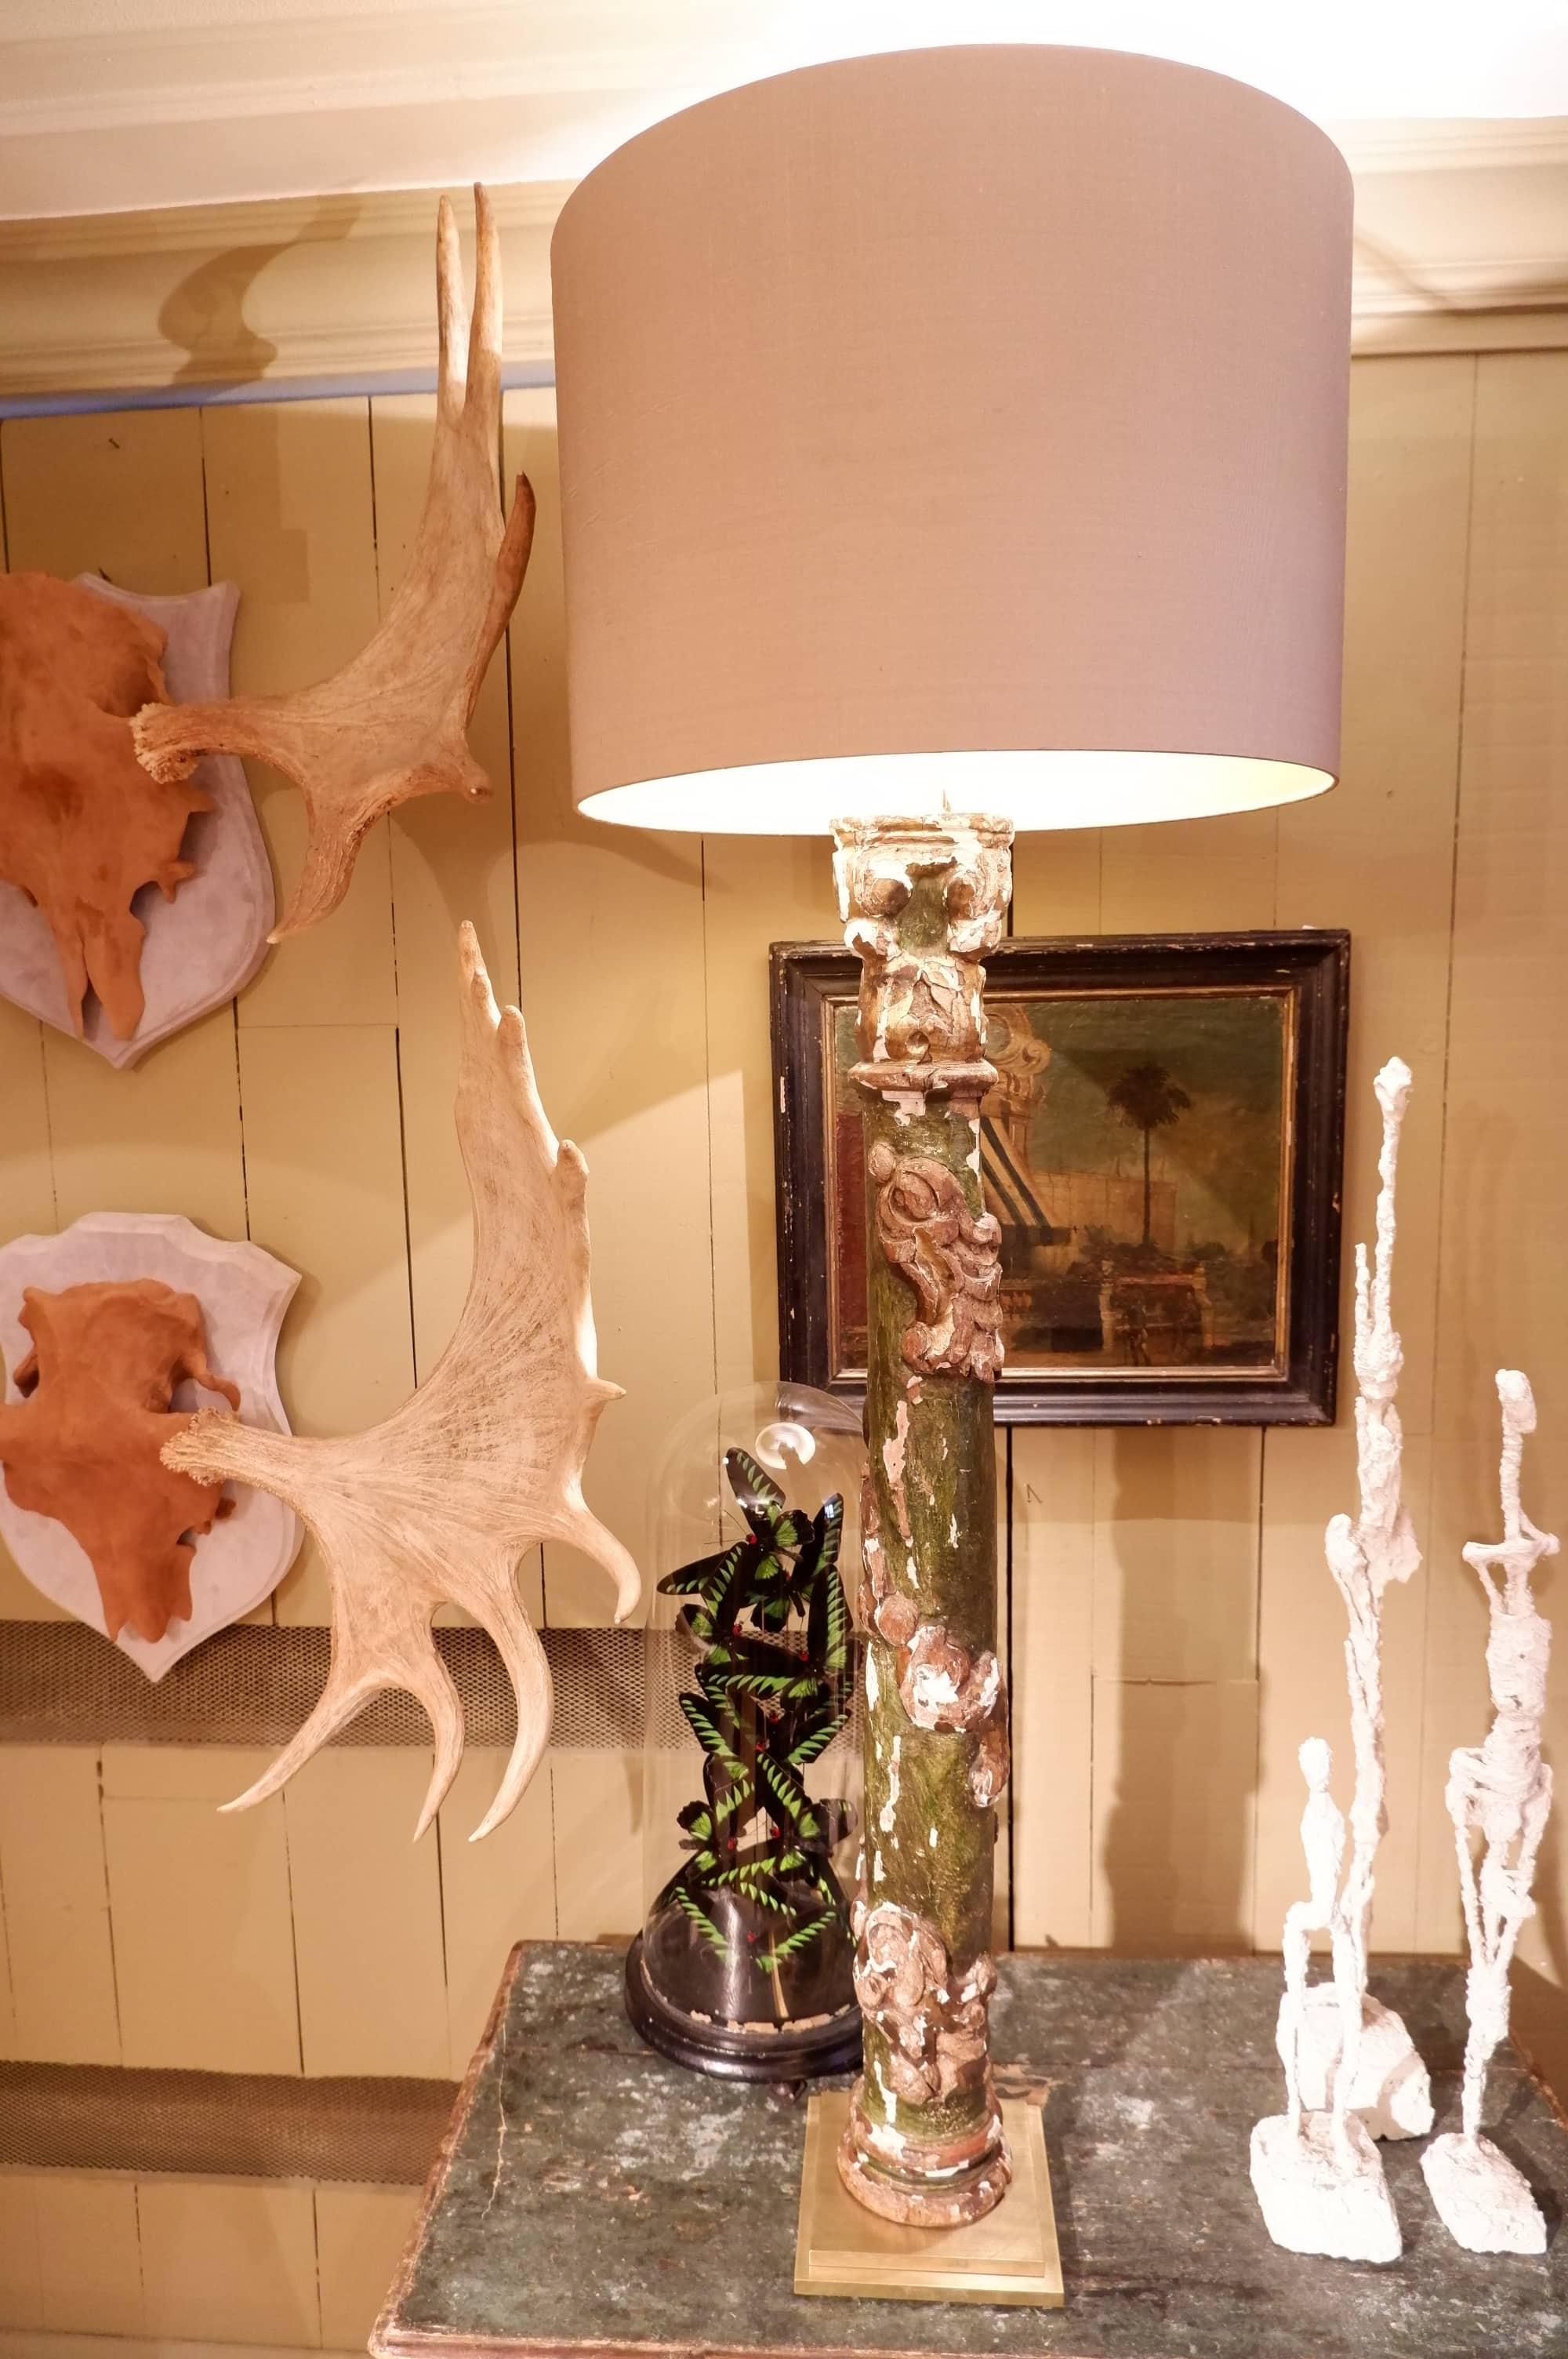 PAIRE DE LAMPES COLONNES ITALIENNES XVIIIE EN BOIS VERT FONCE + FEUILLES DOREES – AJ CYLINDRE EN SOIE